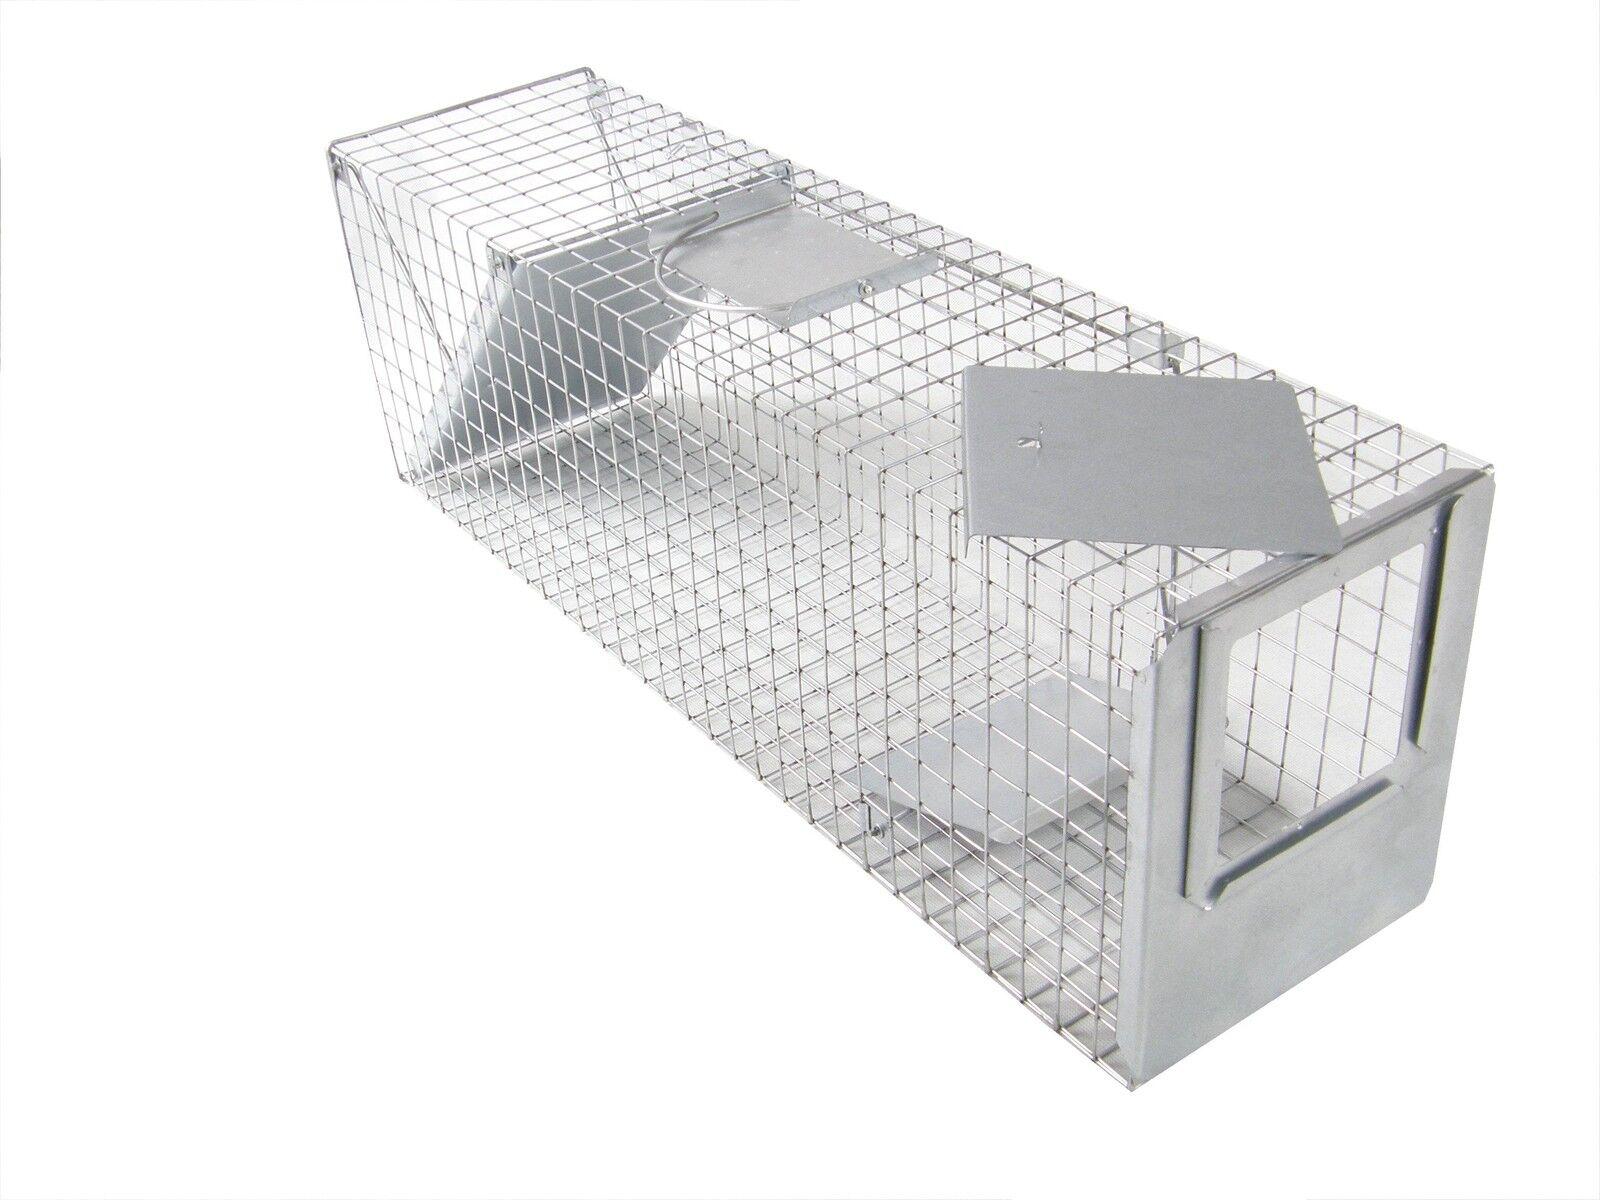 Piège à souris souris souris Boîte de raton laveur à rat des animaux à BELETTE K1 bf2d1f